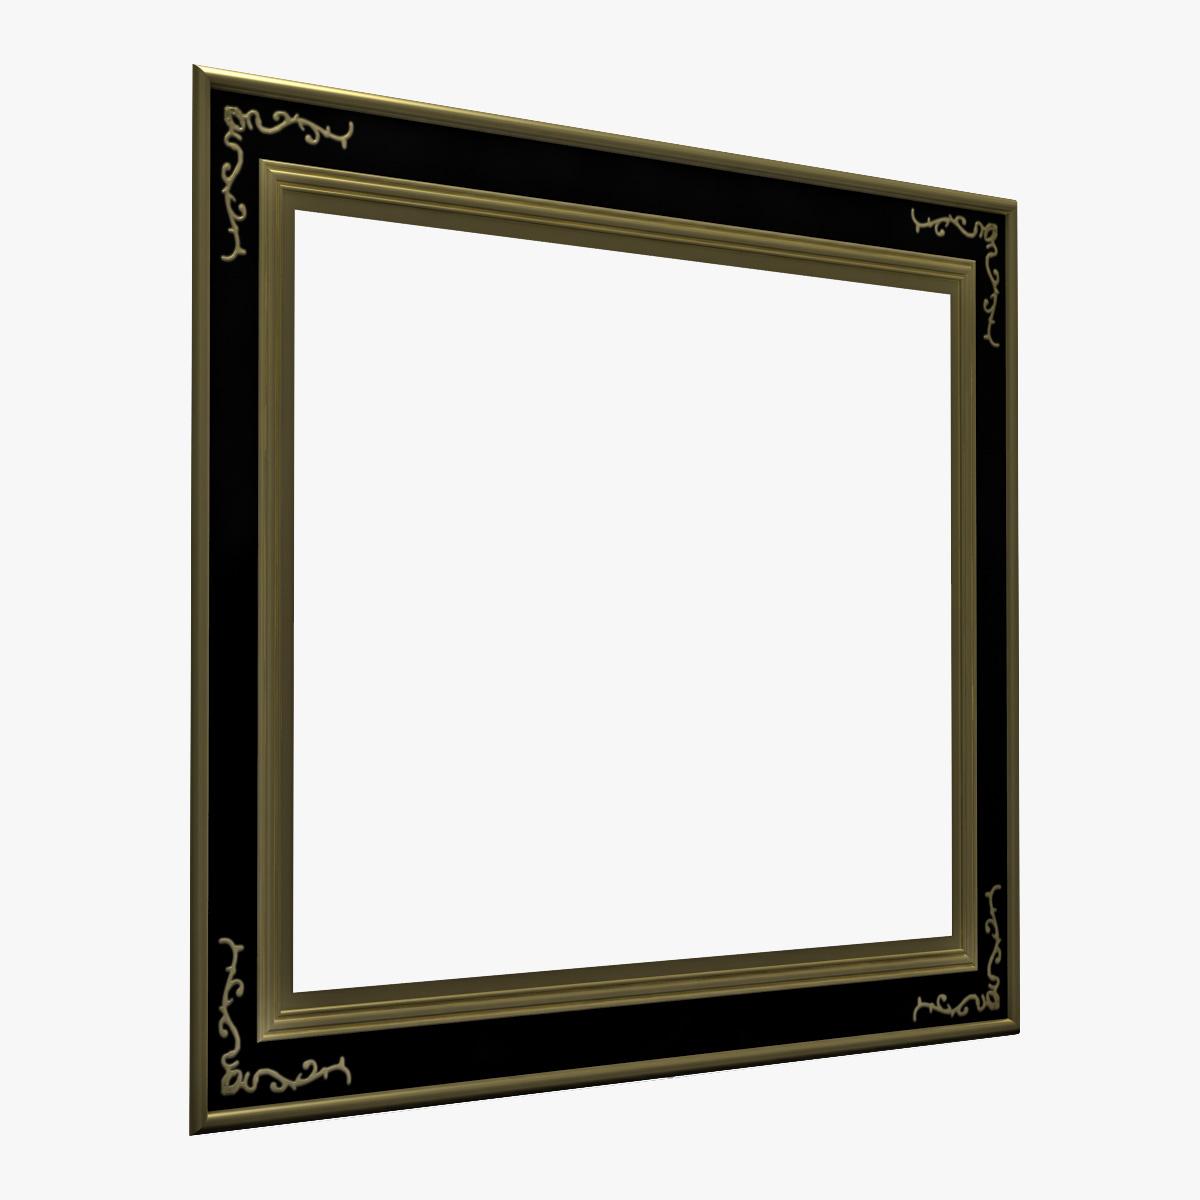 Picture_Frame_v7_000.jpg